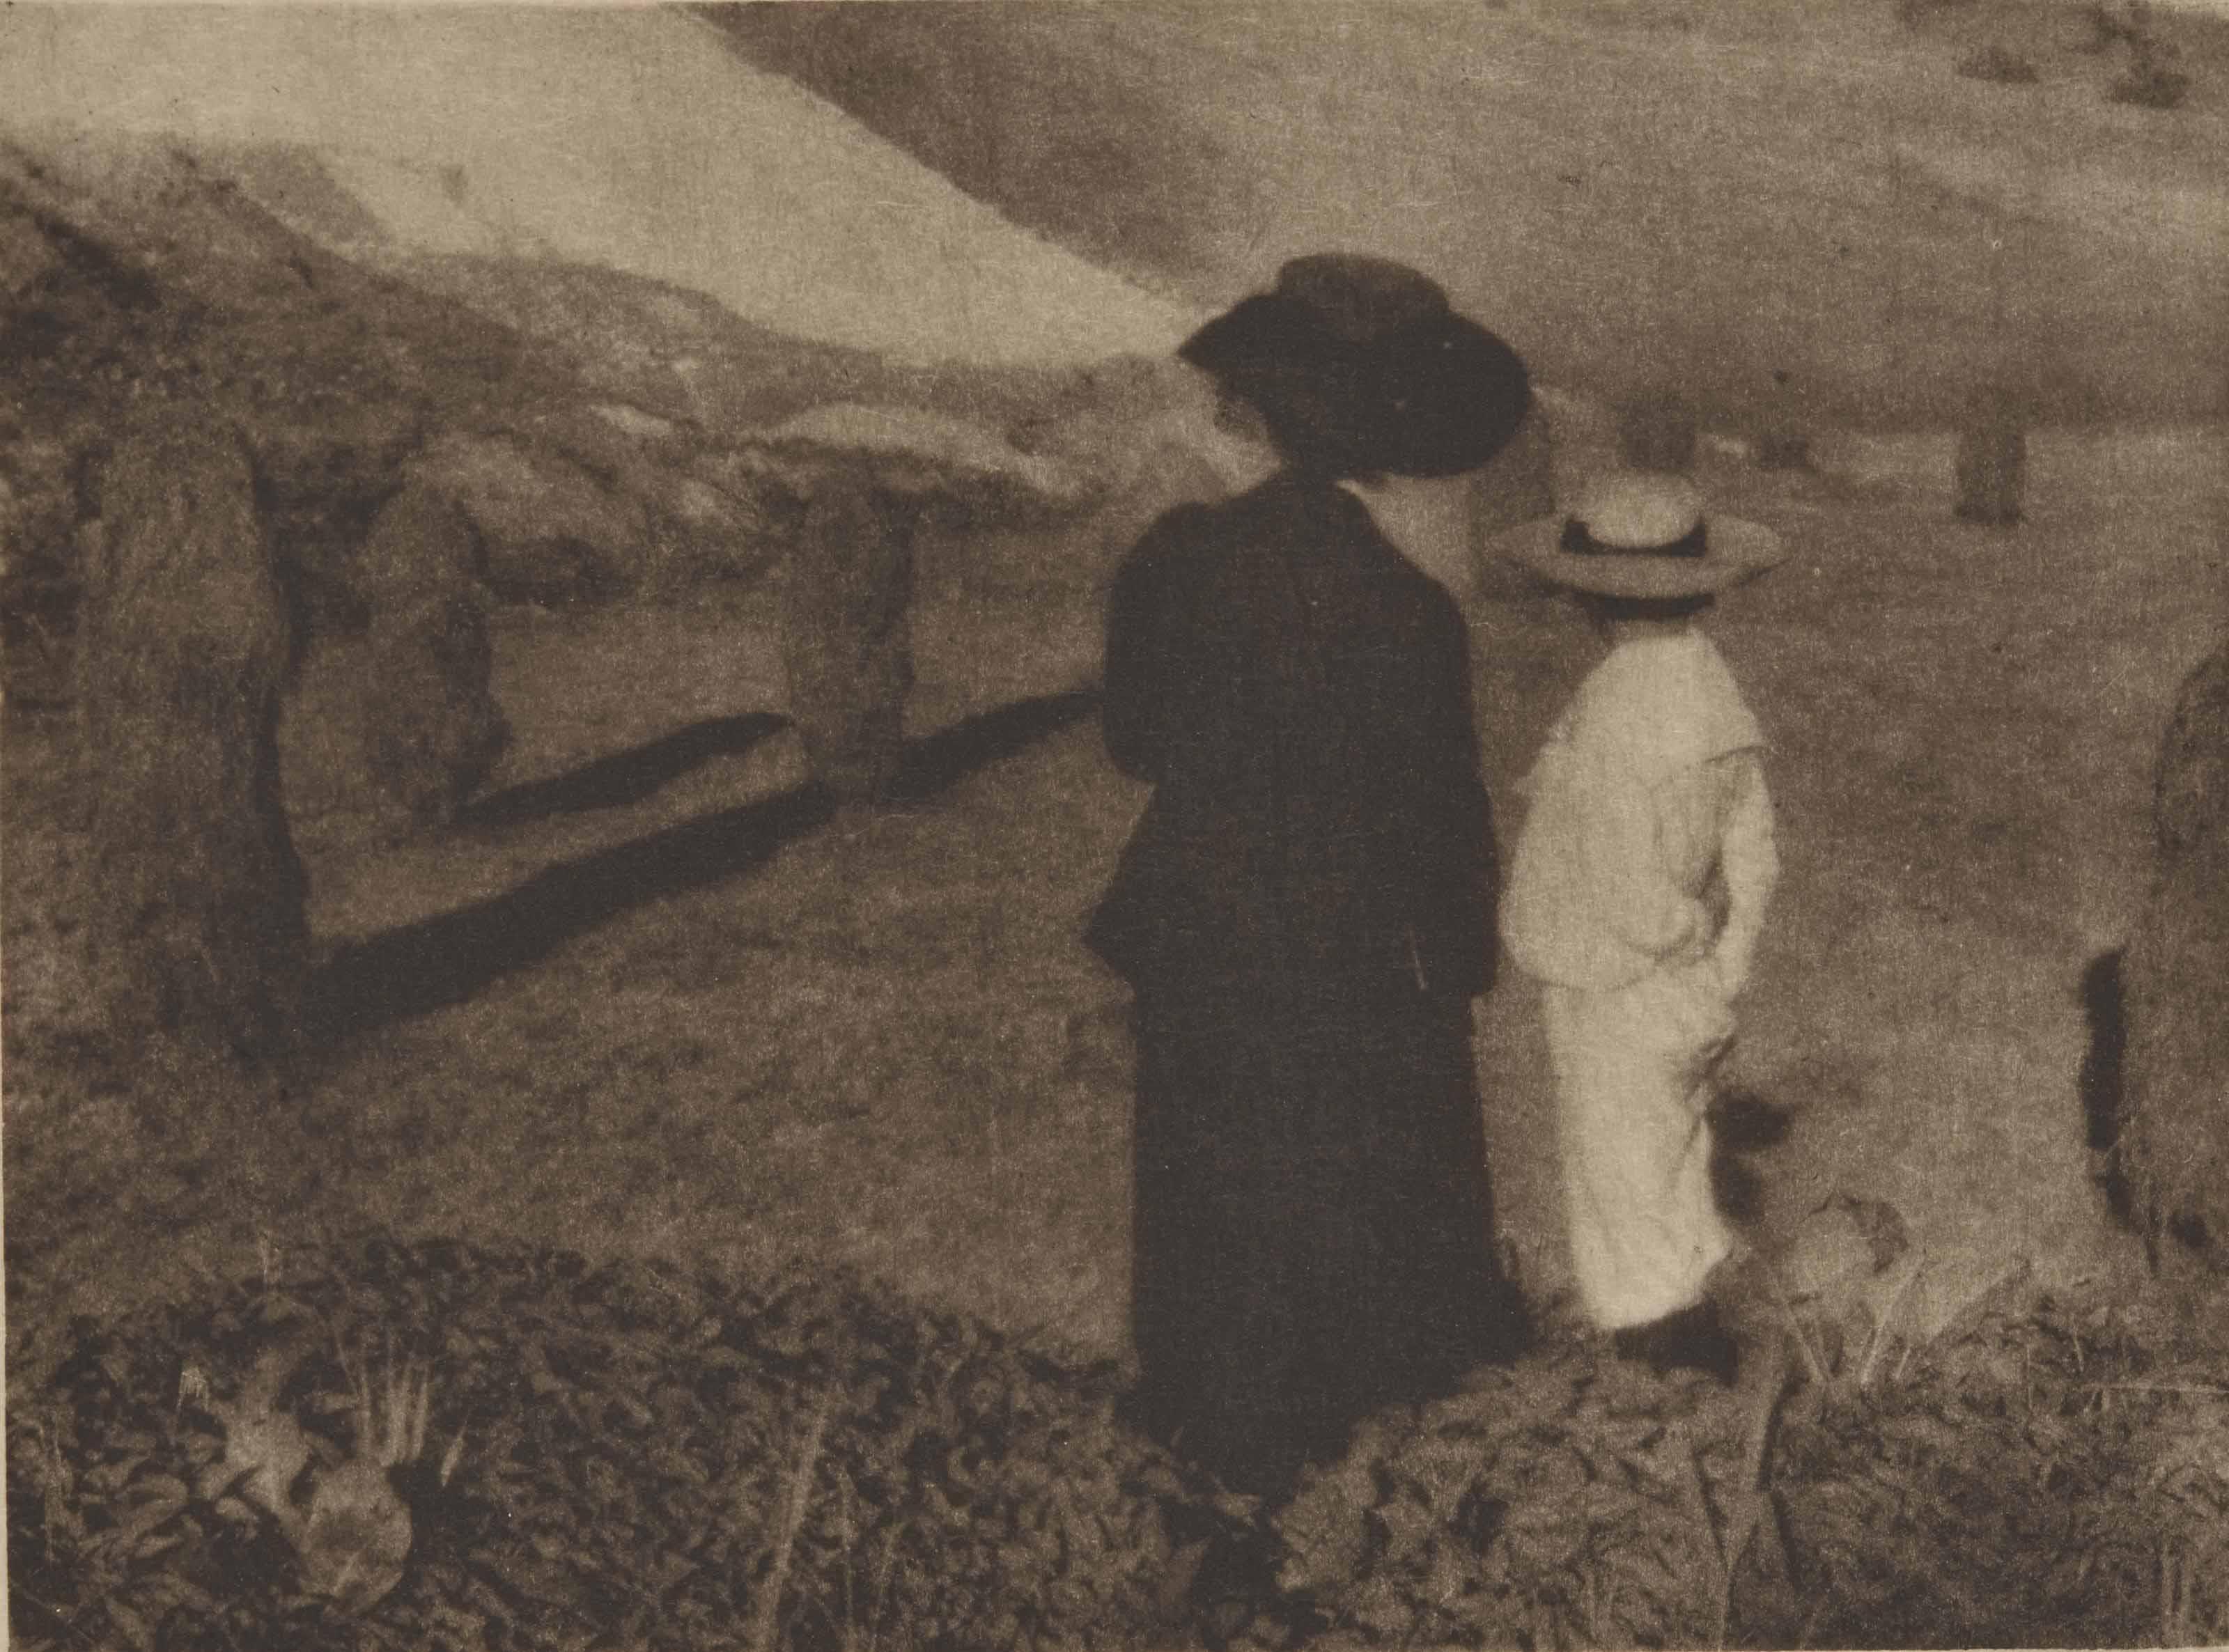 Mary Warner und Hans Kühn, vers 1906